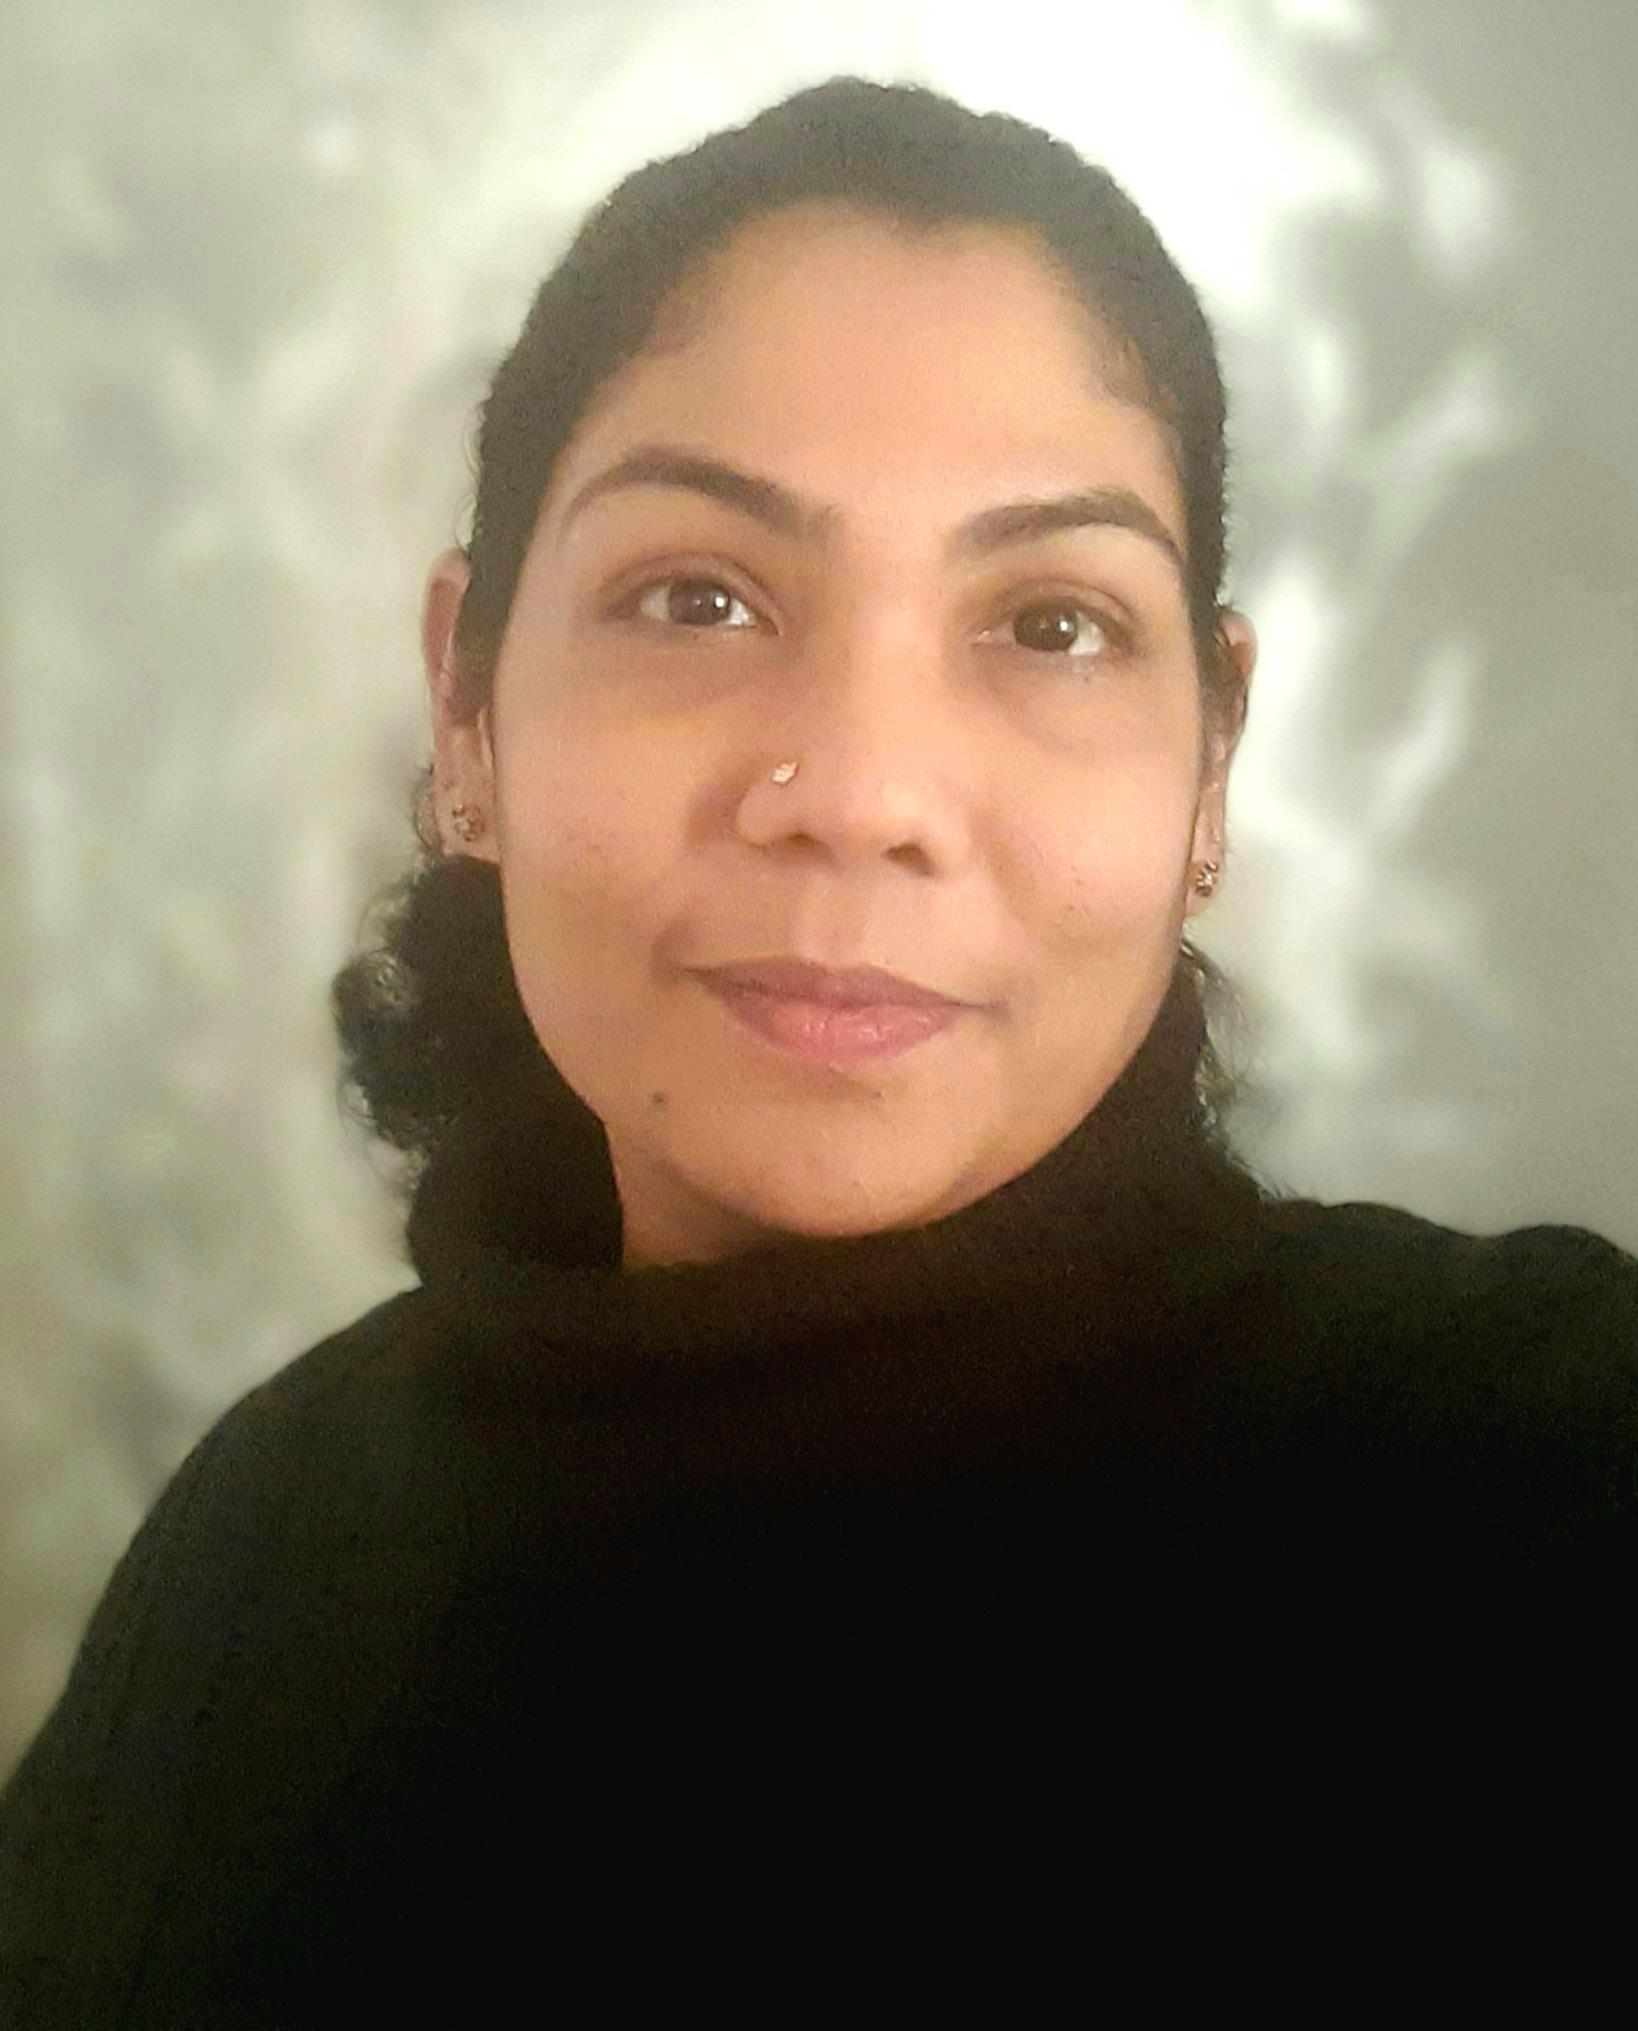 Gayathri Radhabi Gopinathan Nair